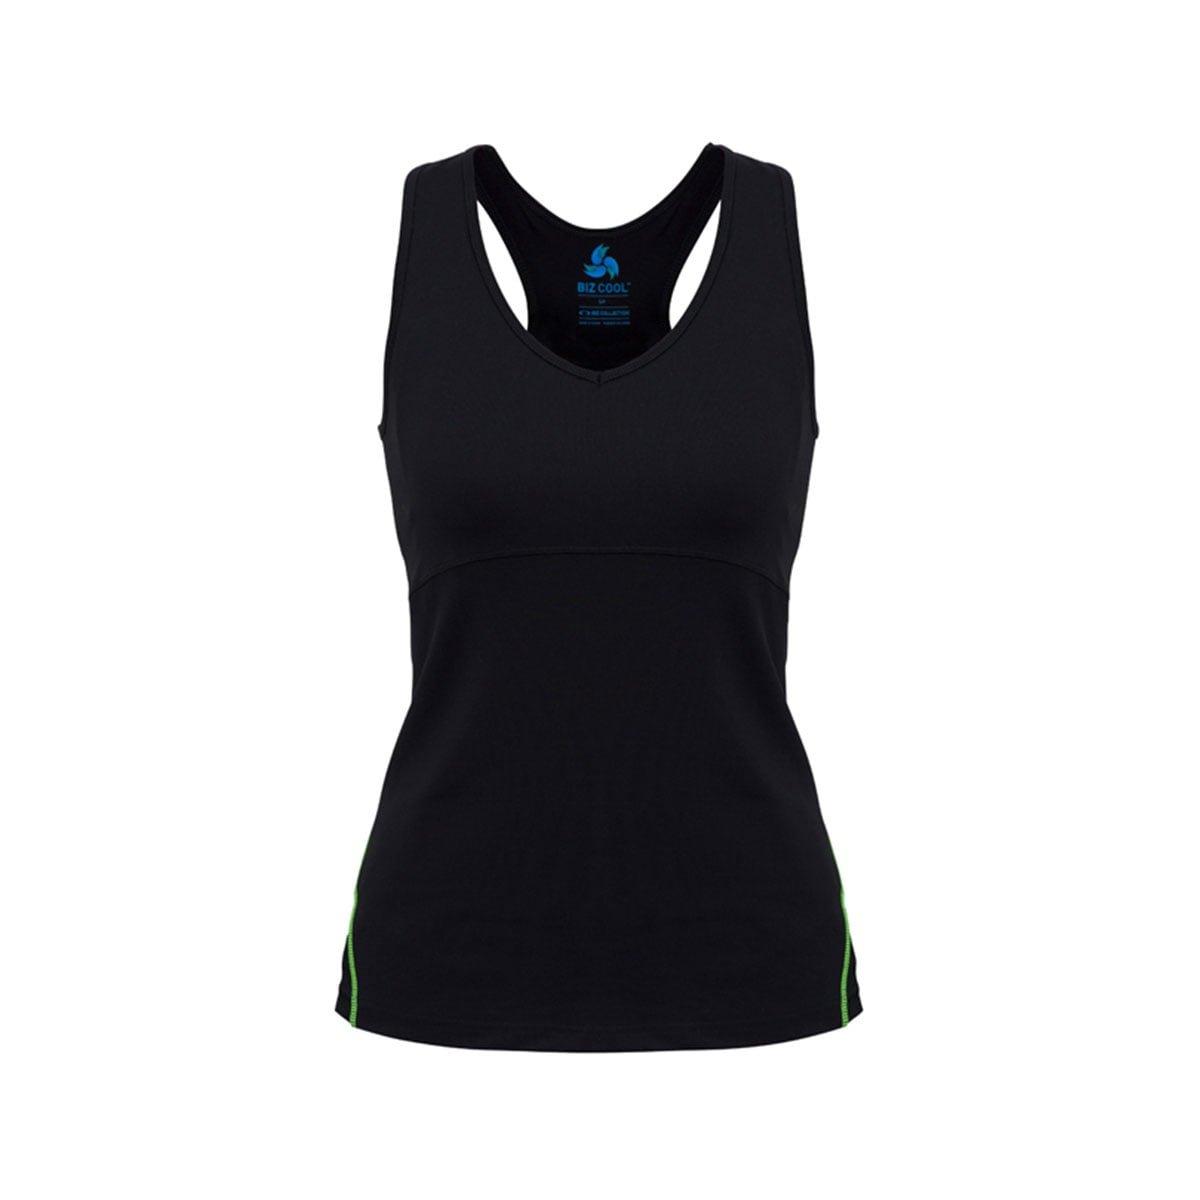 Ladies Maya Sports Bra Top-Black / Lime